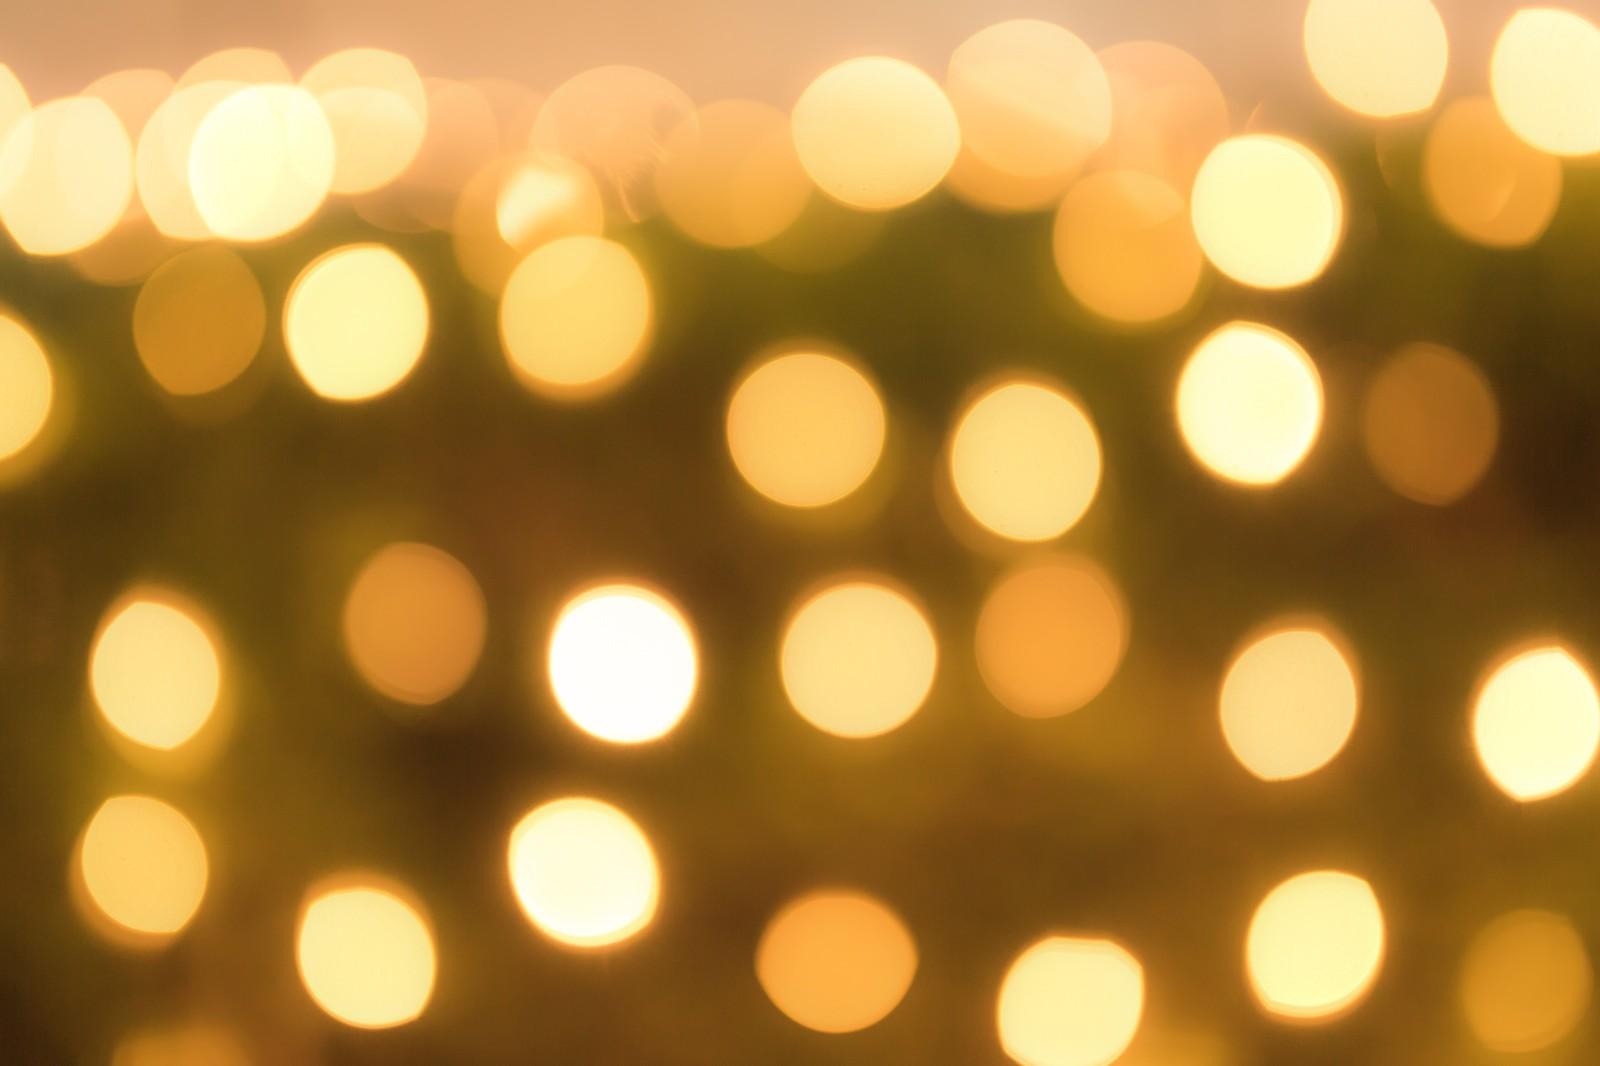 椎名林檎の公然の秘密のダンス動画とベストアルバムを動画とジャケット付きで紹介!